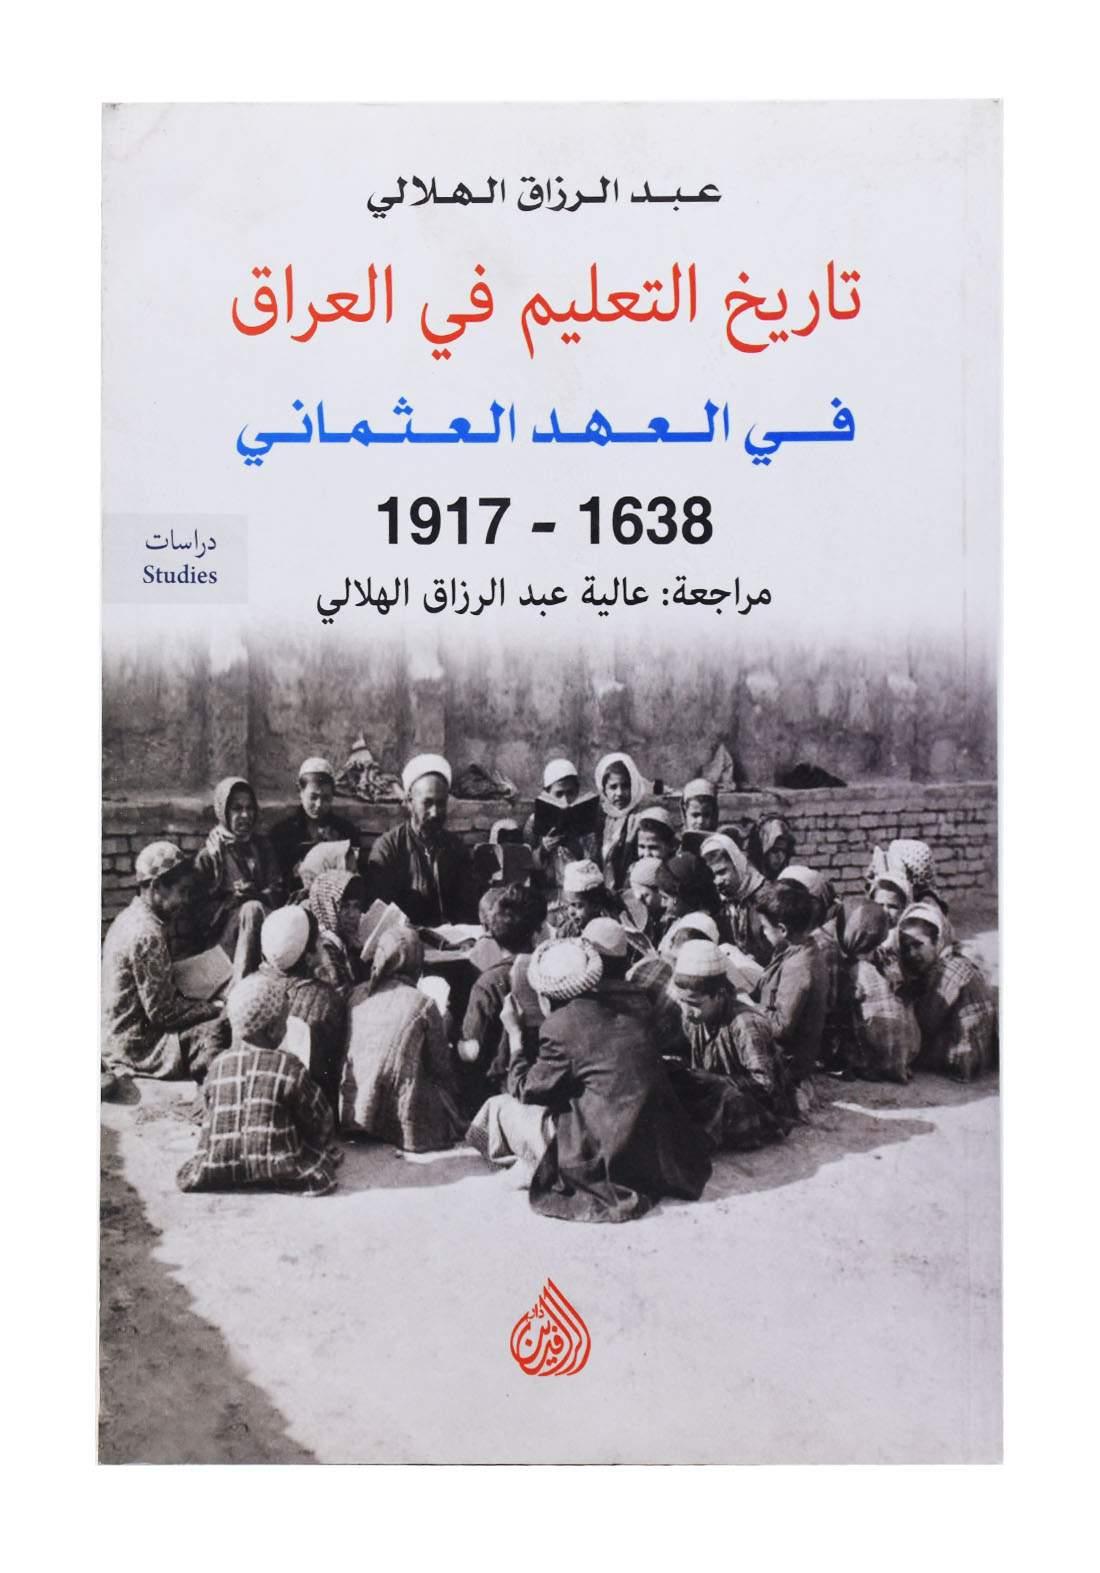 تاريخ التعليم في العراق في العهد العثماني  1638-1917